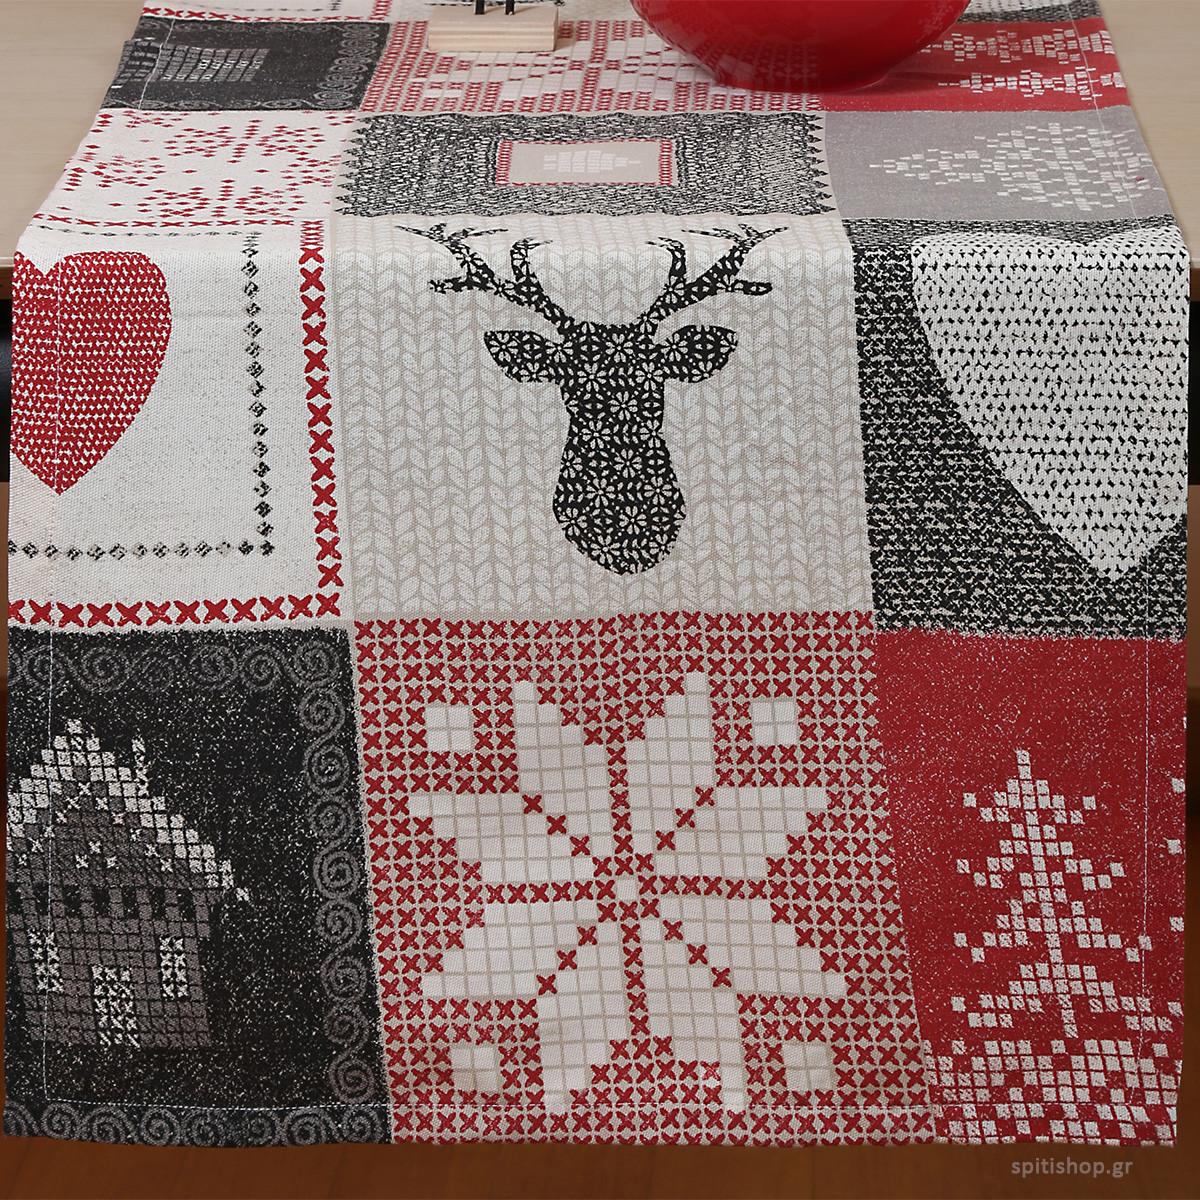 Χριστουγεννιάτικη Τραβέρσα Nef-Nef Christmas Patch